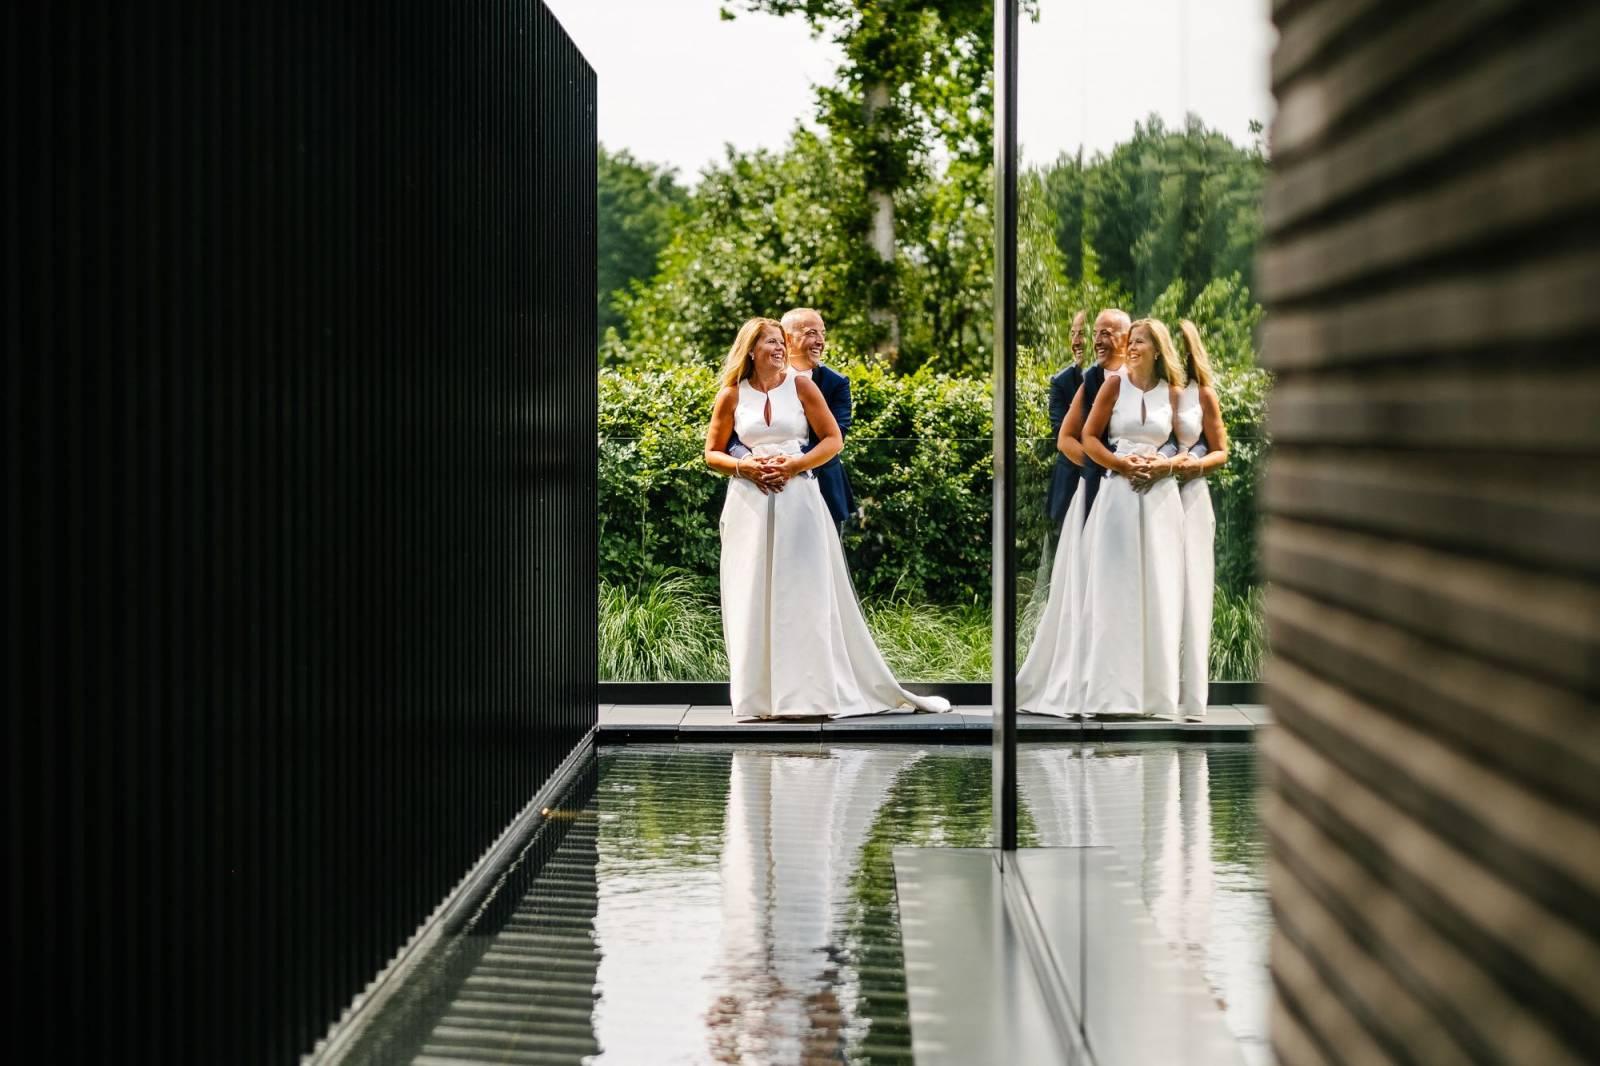 Jonas De Gent - Huwelijksfotograaf - House of Weddings - 14